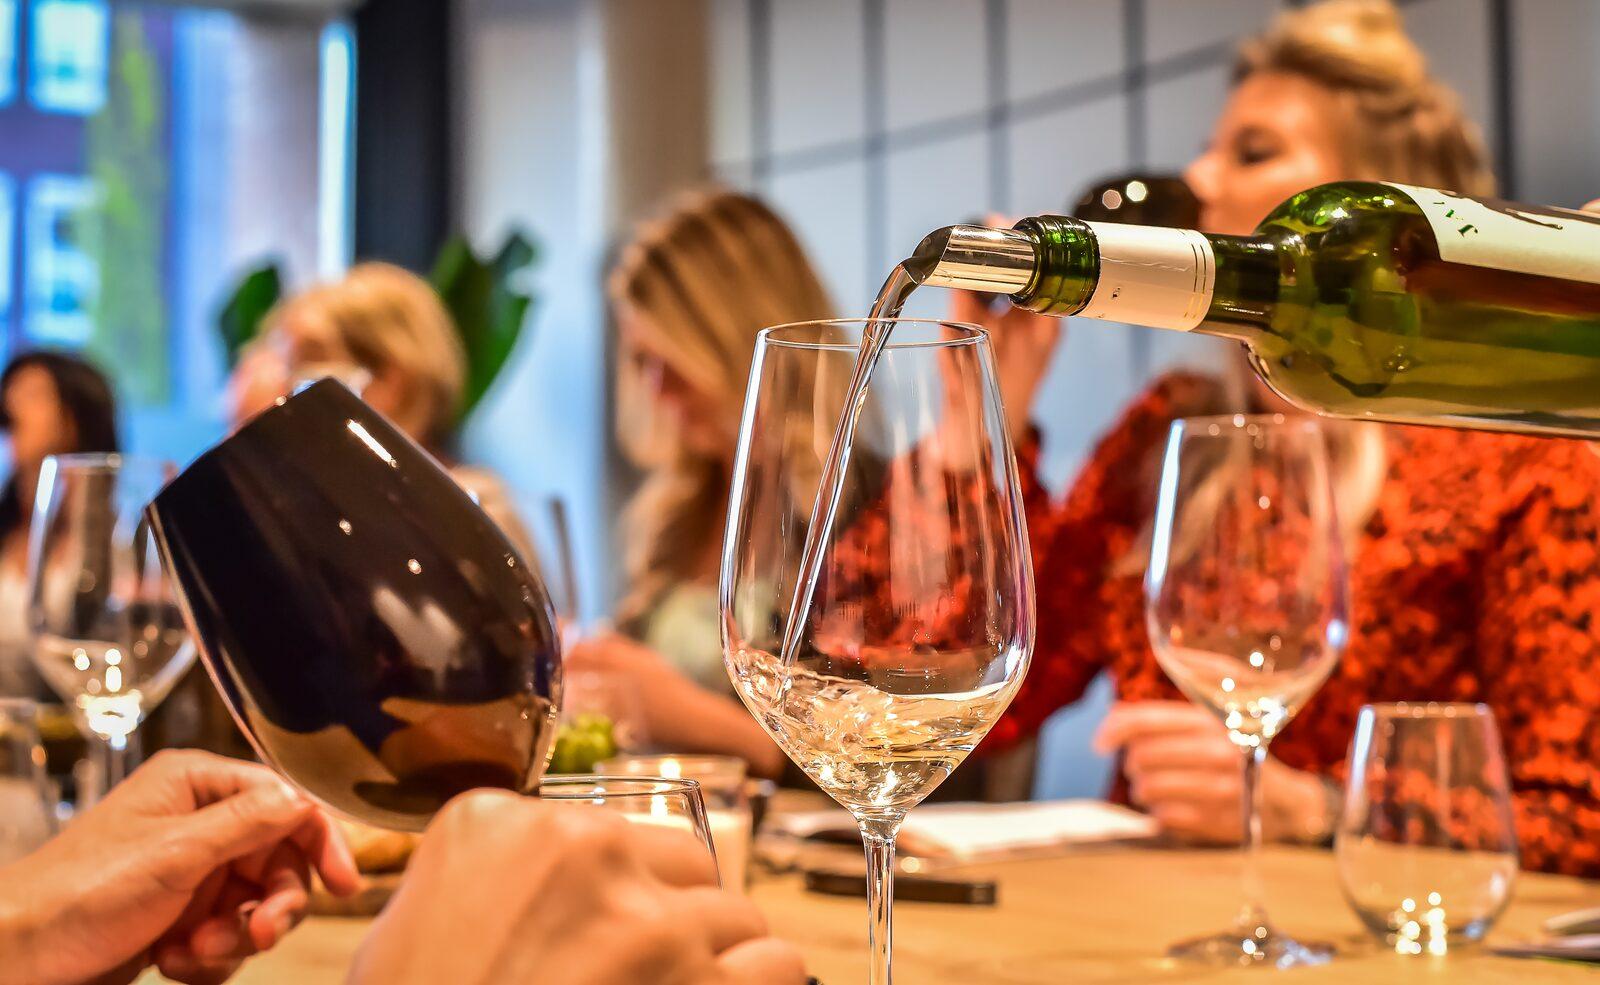 Wijnproeverij - Flavourite wine